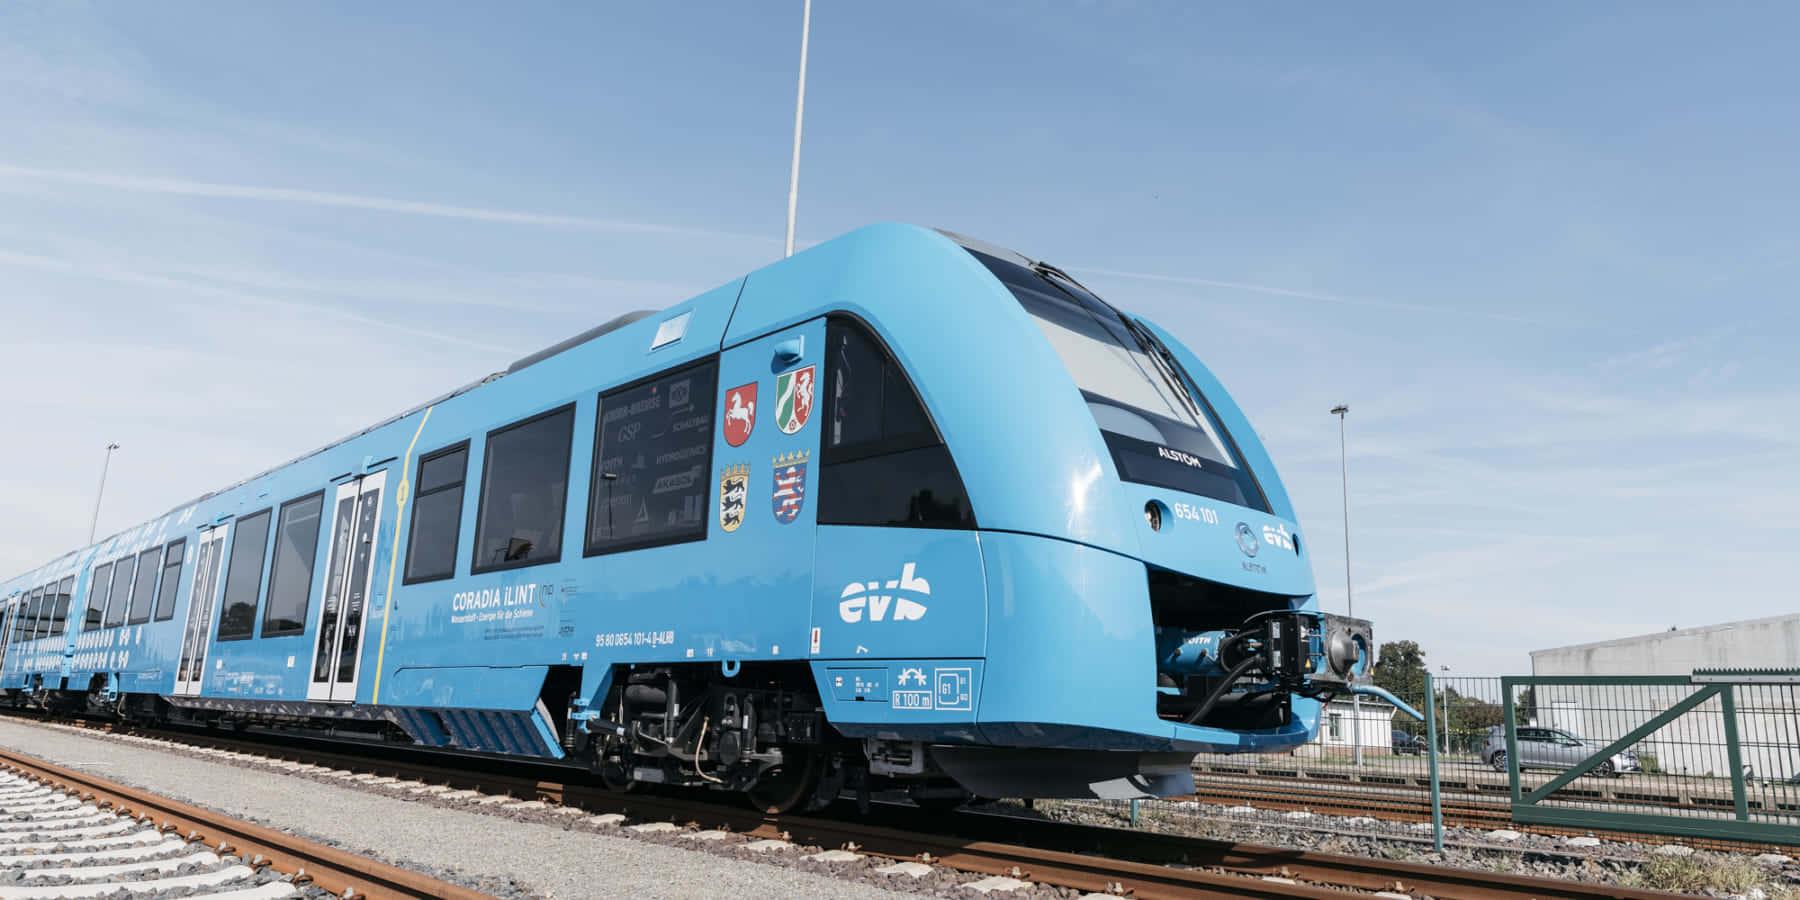 ドイツで運行開始。水素燃料電池で動く世界初の旅客電車